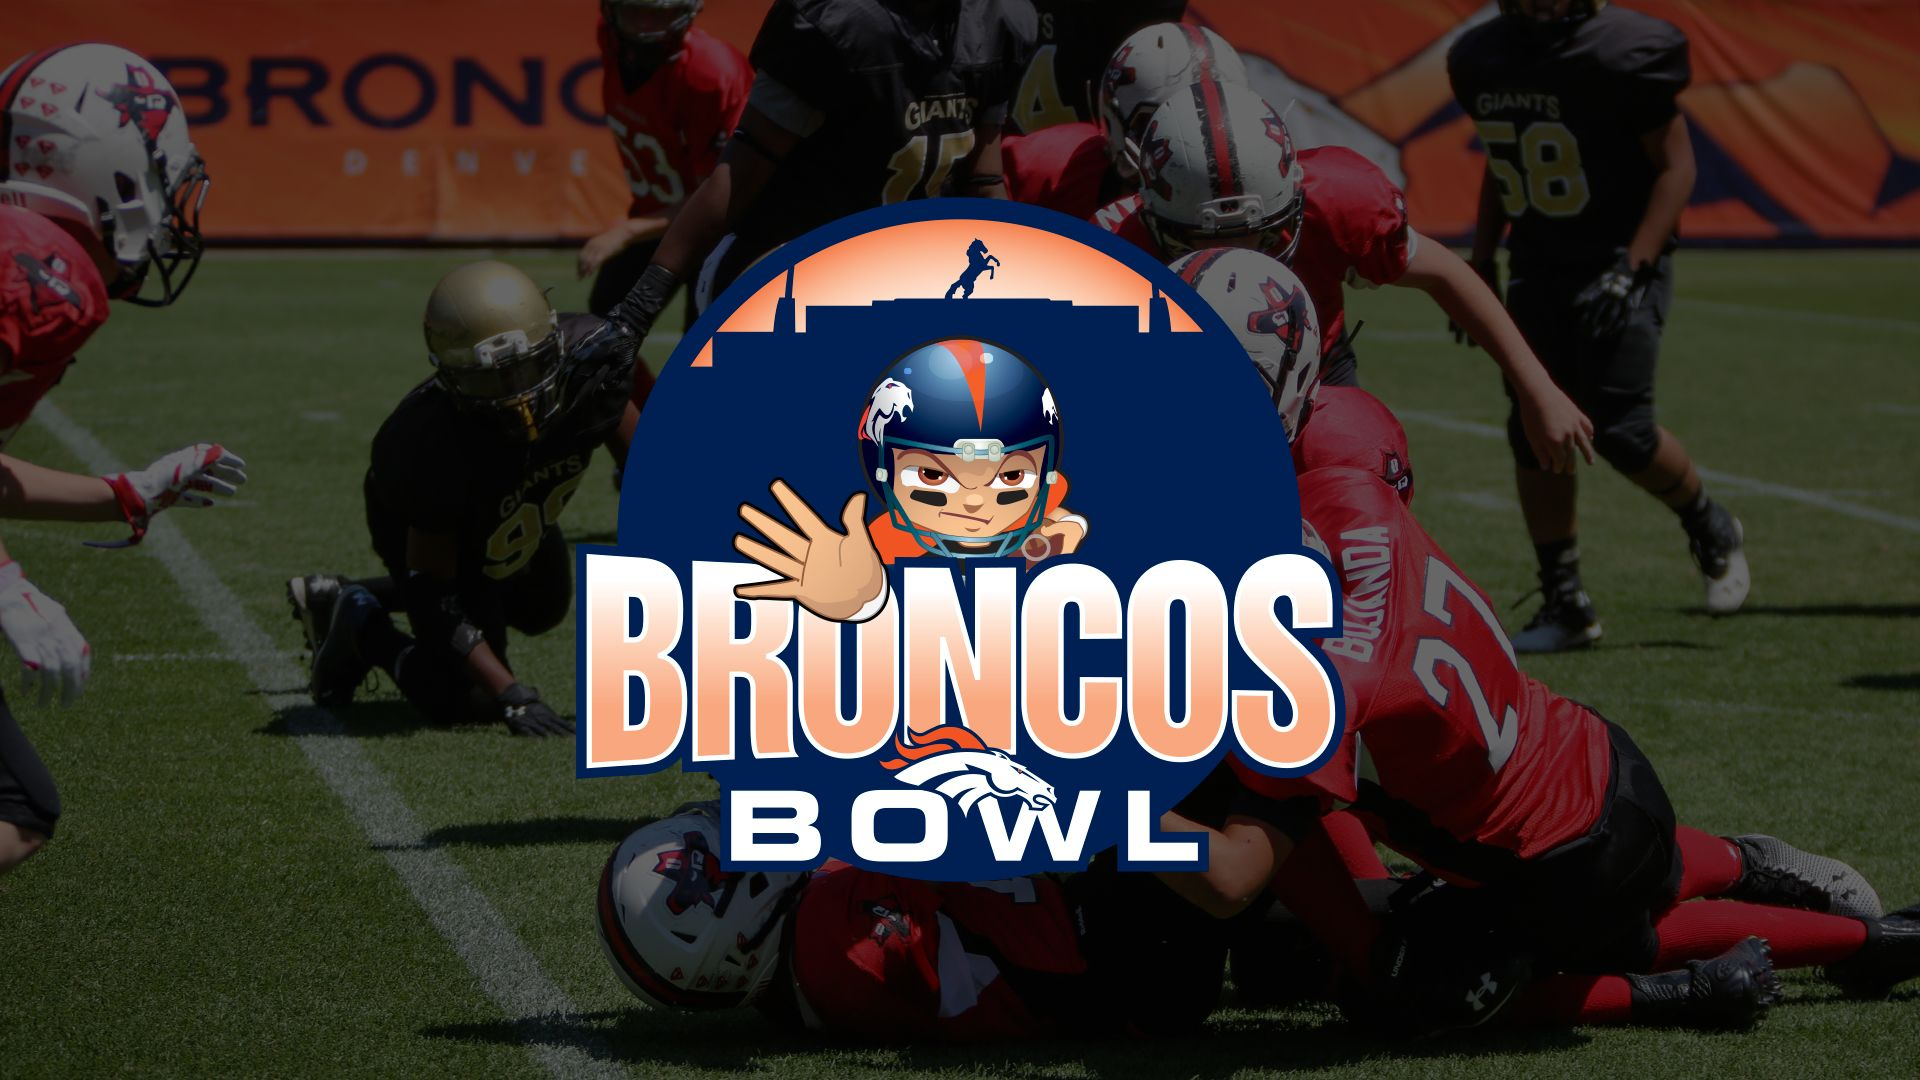 Broncos Bowl